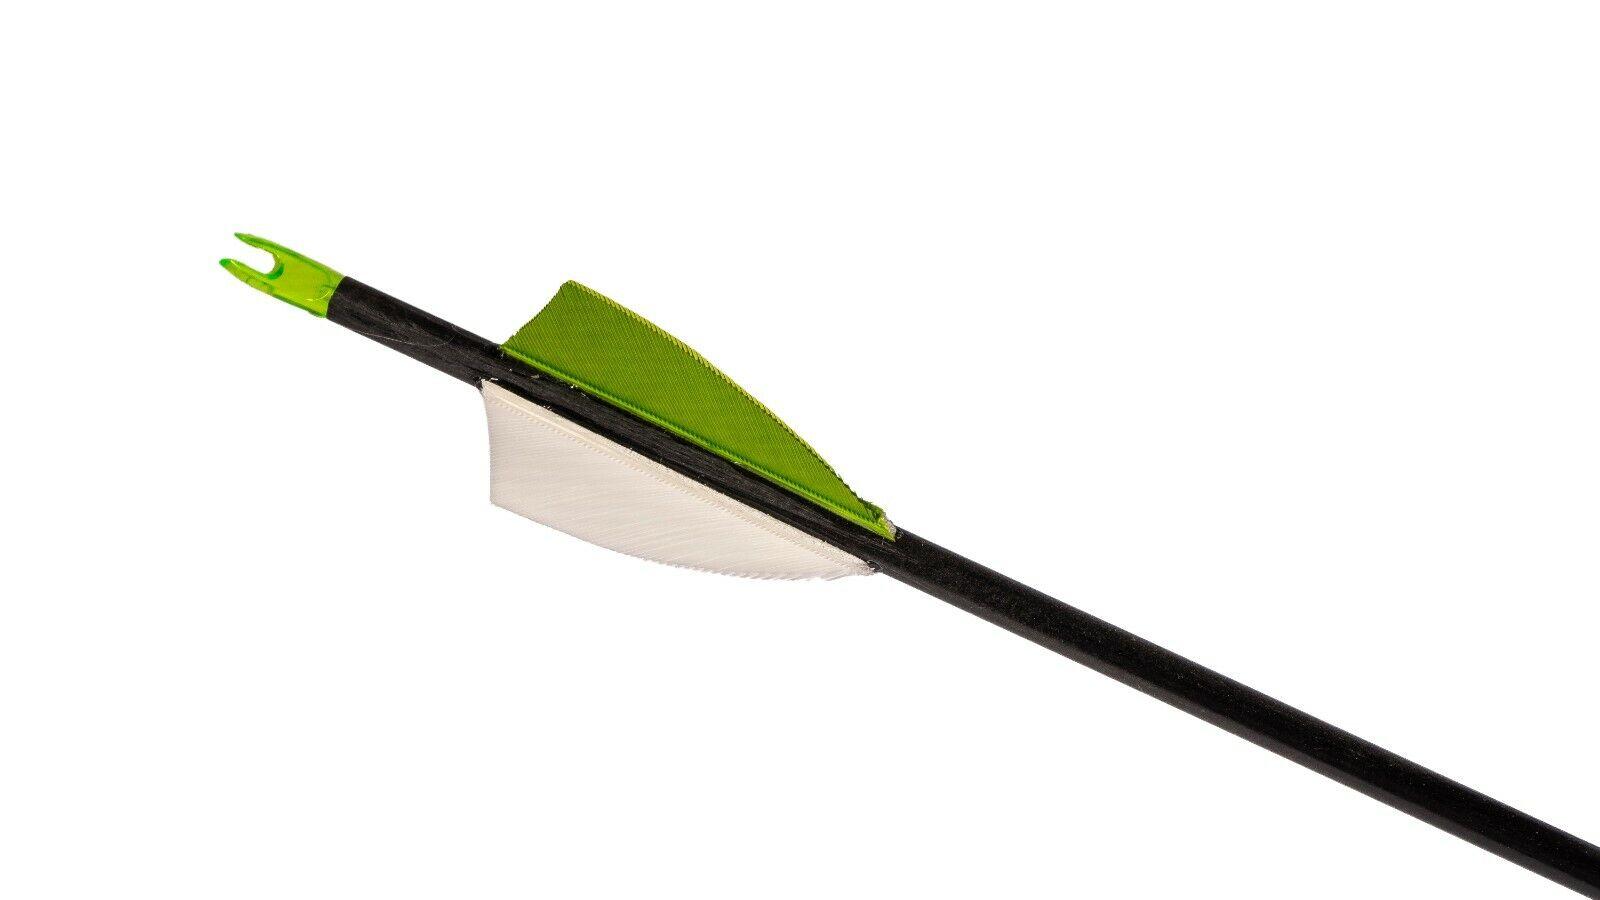 Inspire 900 Flechas Easton con Gateway razyr plumas Personalizado Juego De 12